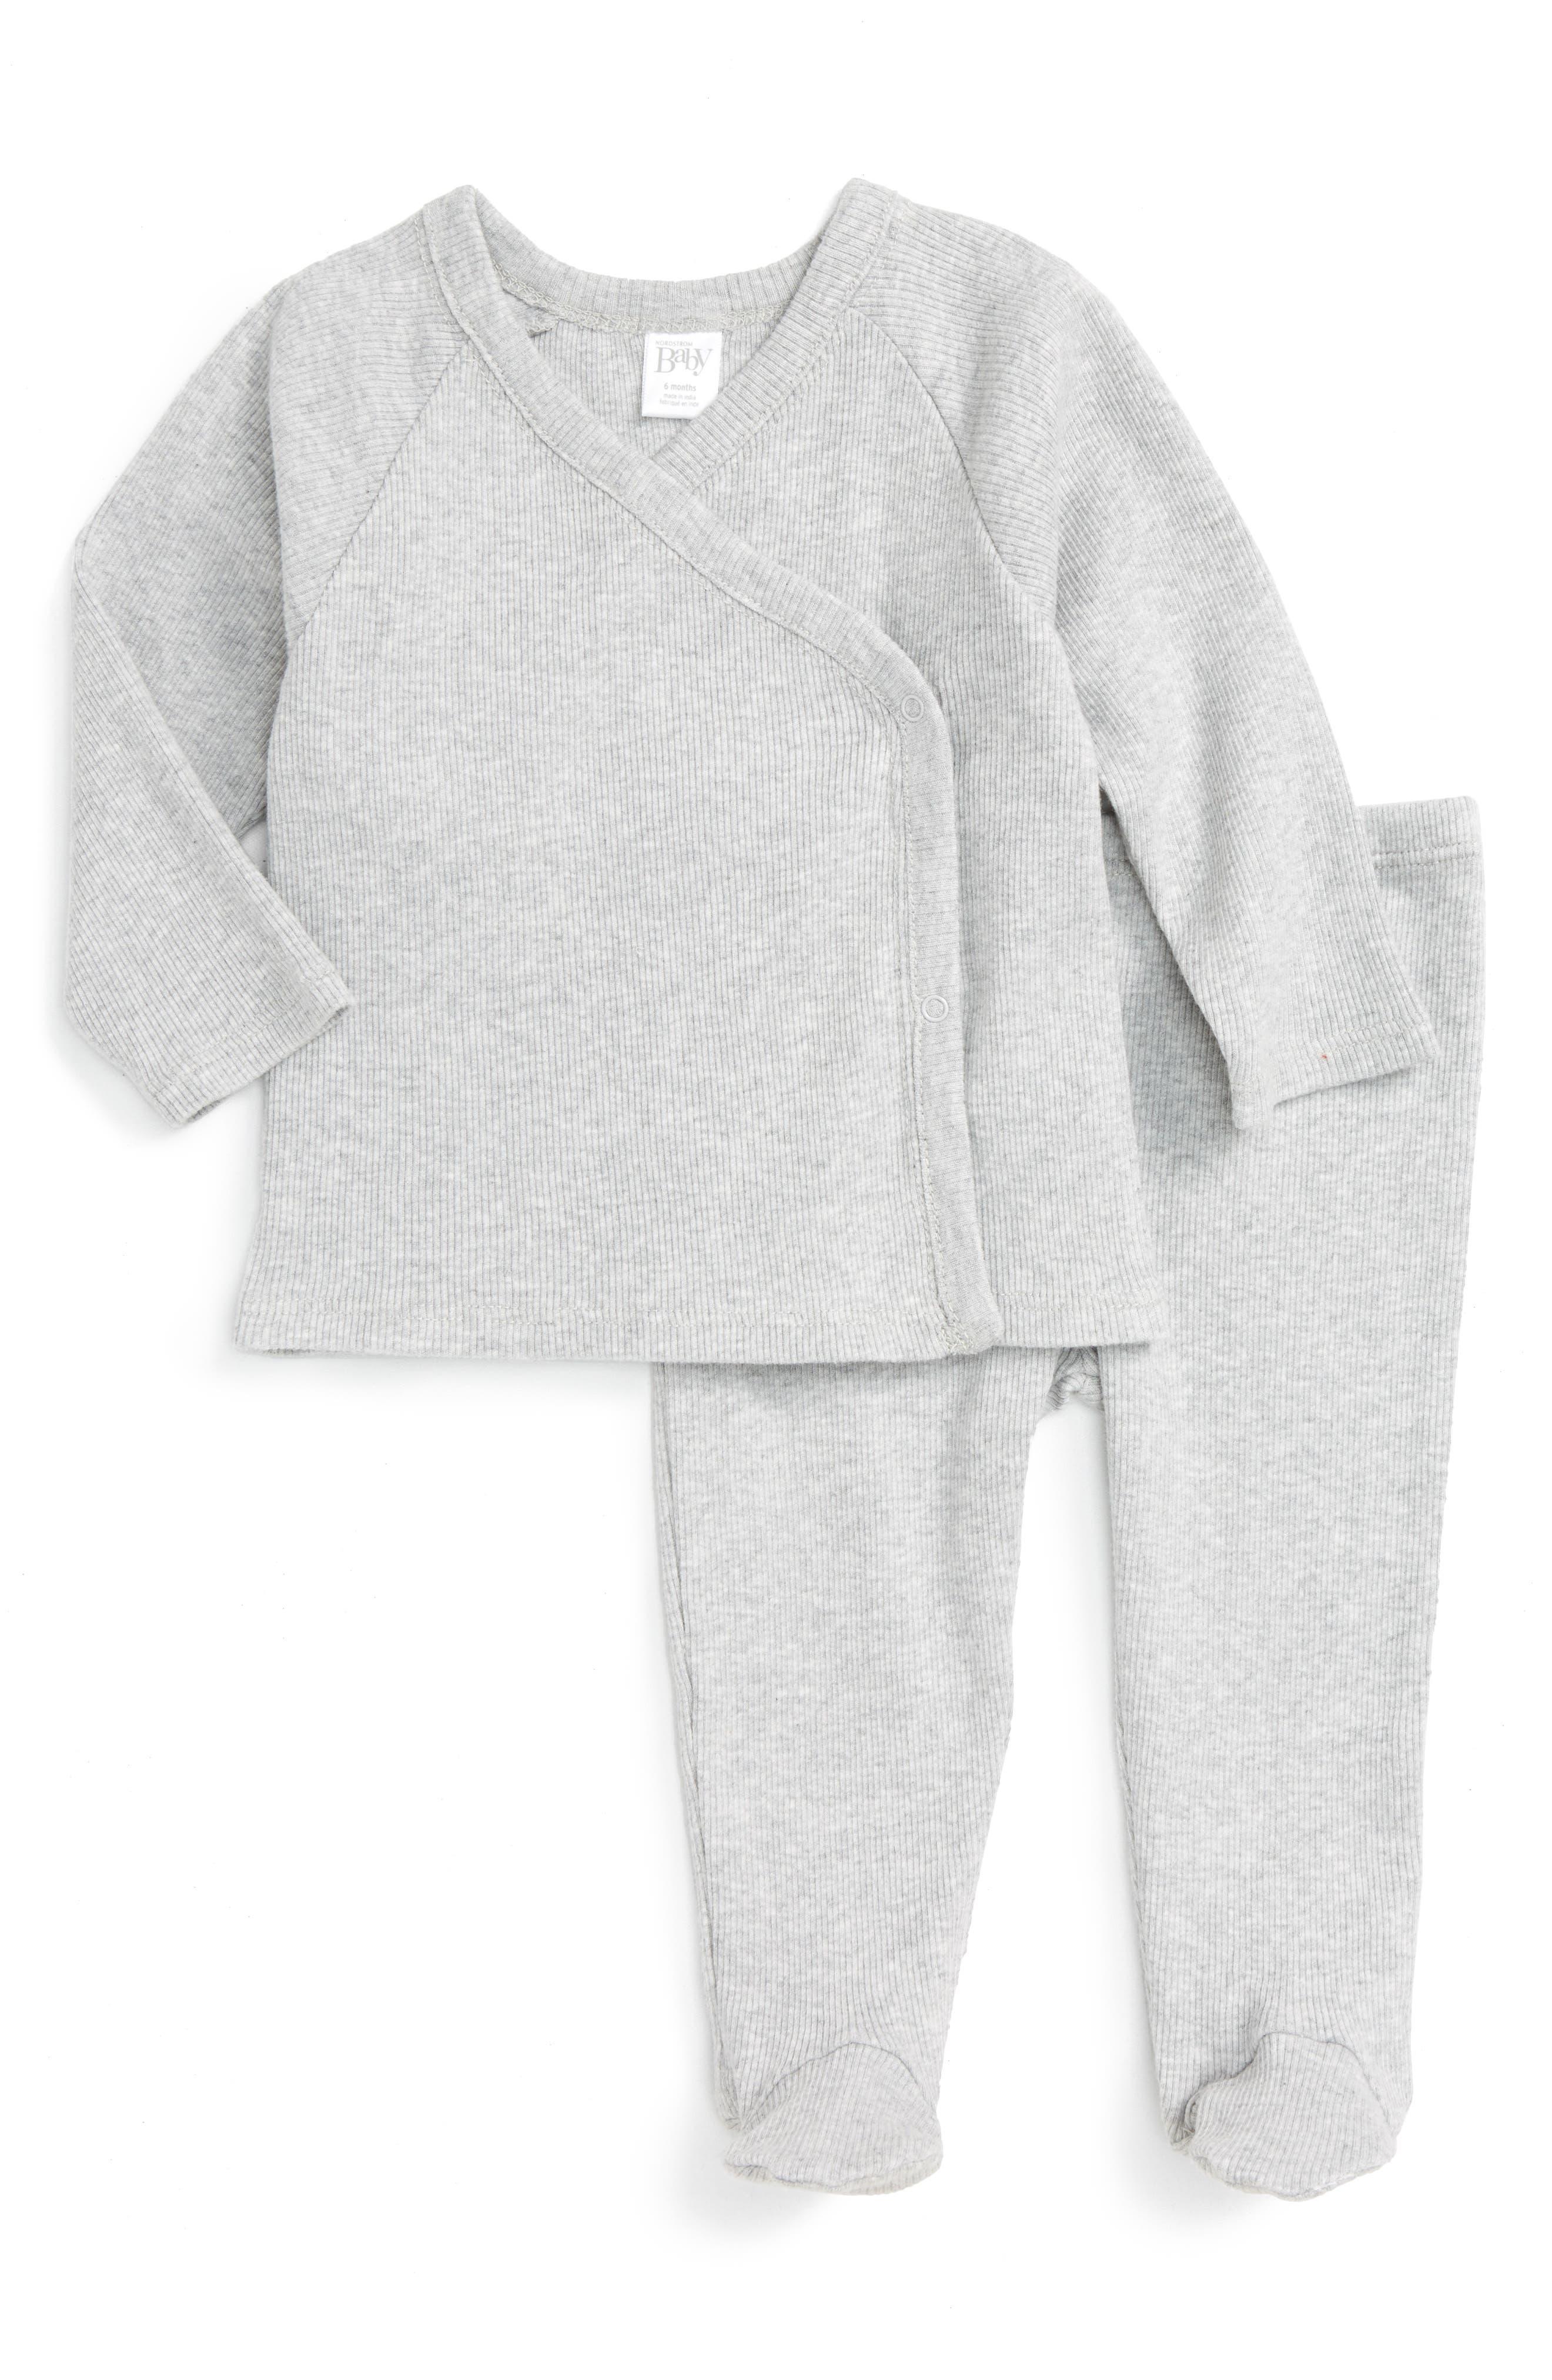 Rib Knit T-Shirt & Pants Set,                         Main,                         color, GREY ASH HEATHER